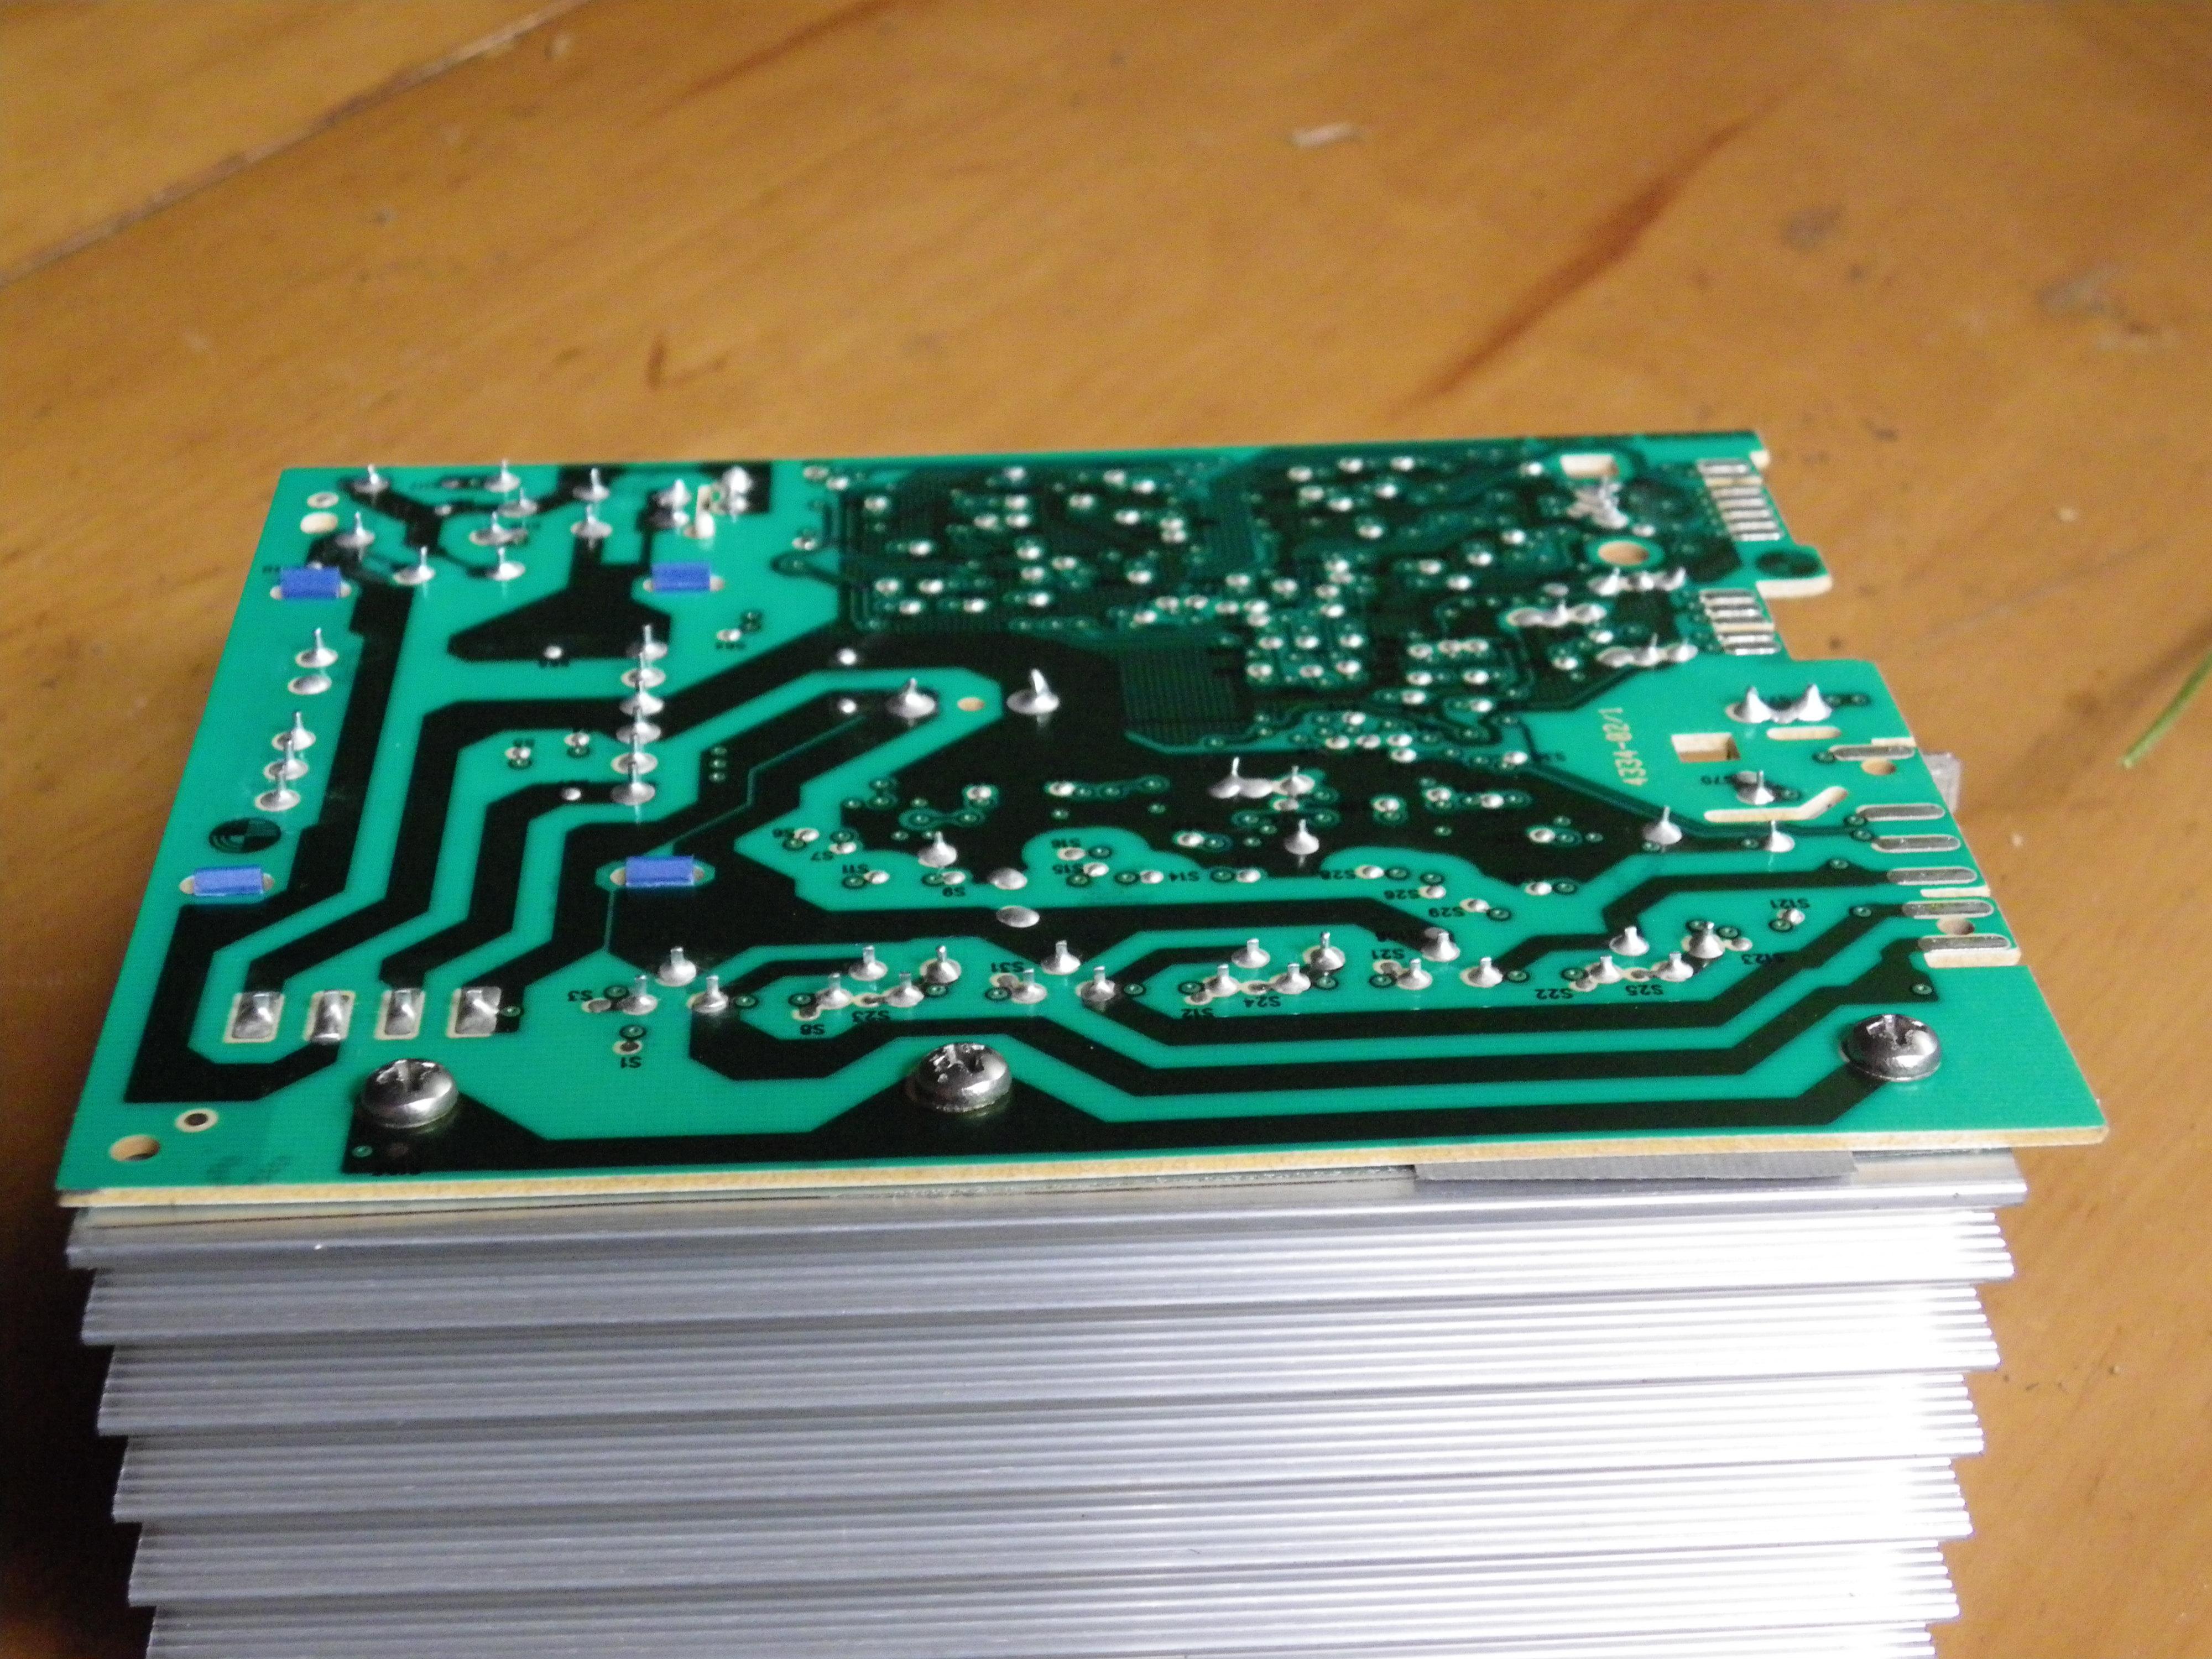 aeg-elektrolux 72850 - usterka programatora ,programu  jak wyw�a� tryb serwisowy